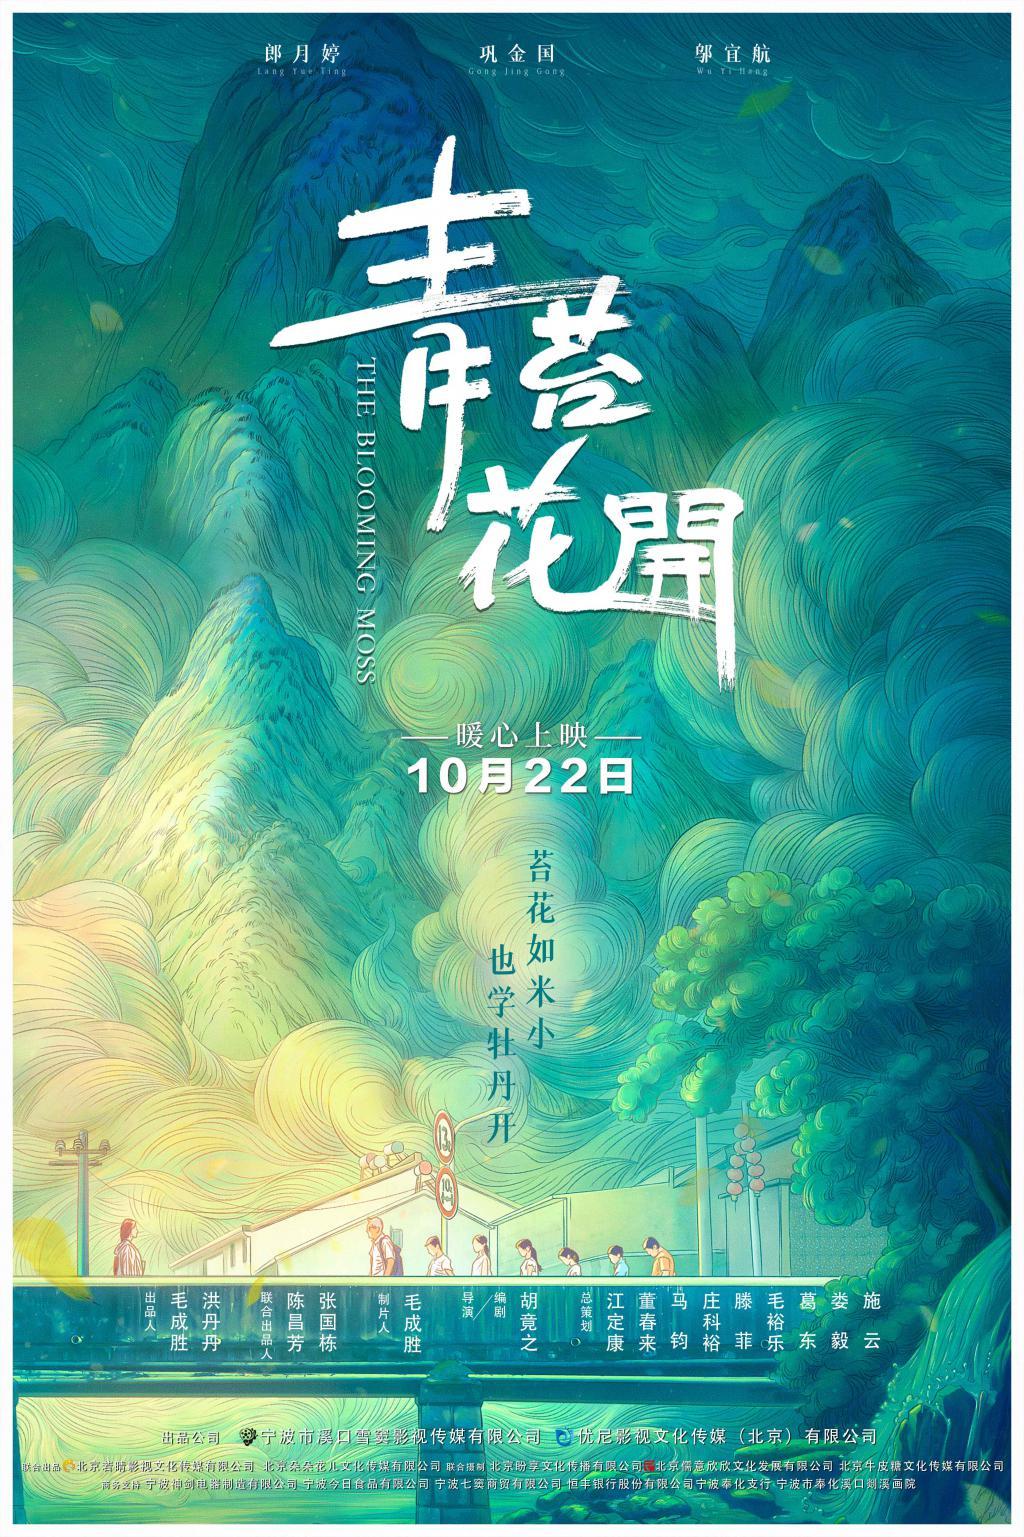 电影《青苔花开》将于 10.22 全国公映